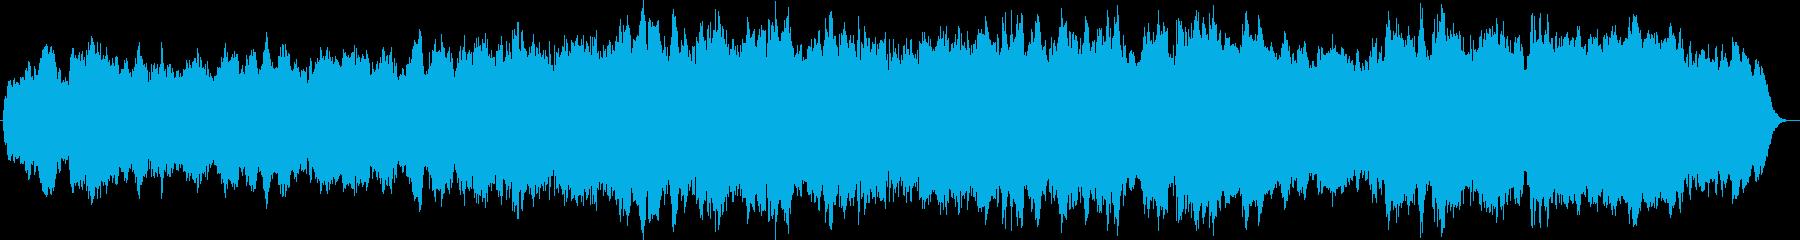 4声のバロックパイプオルガンオリジナル曲の再生済みの波形